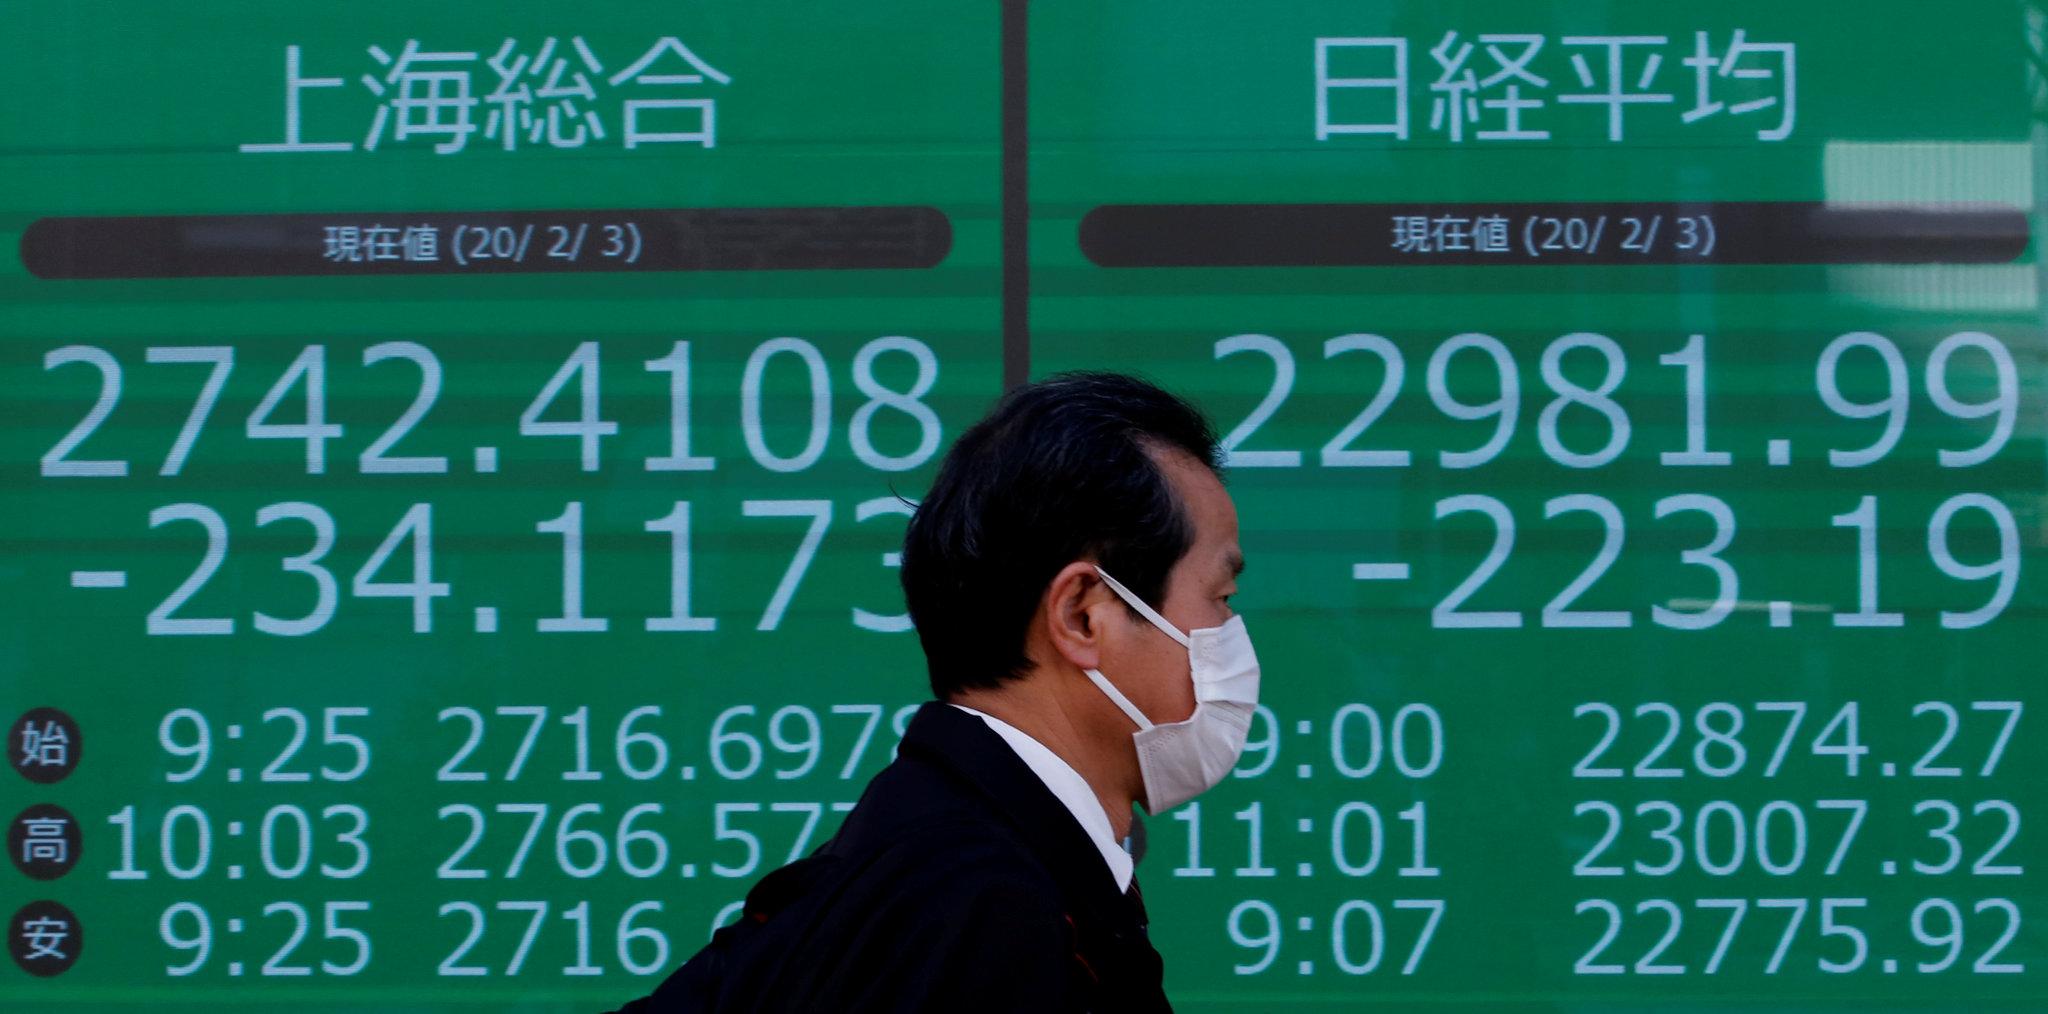 Tokyo stocks close higher on virus hopes